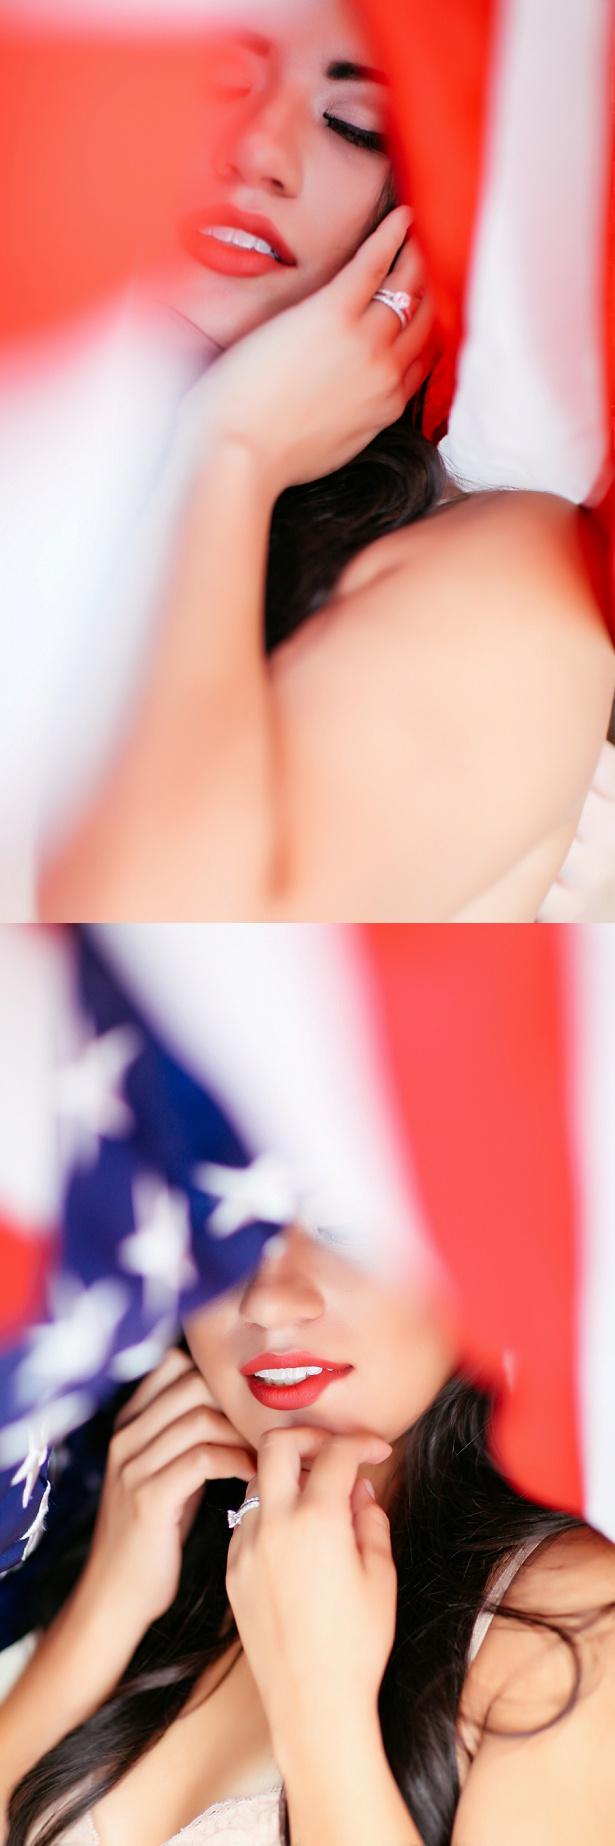 american boudoir